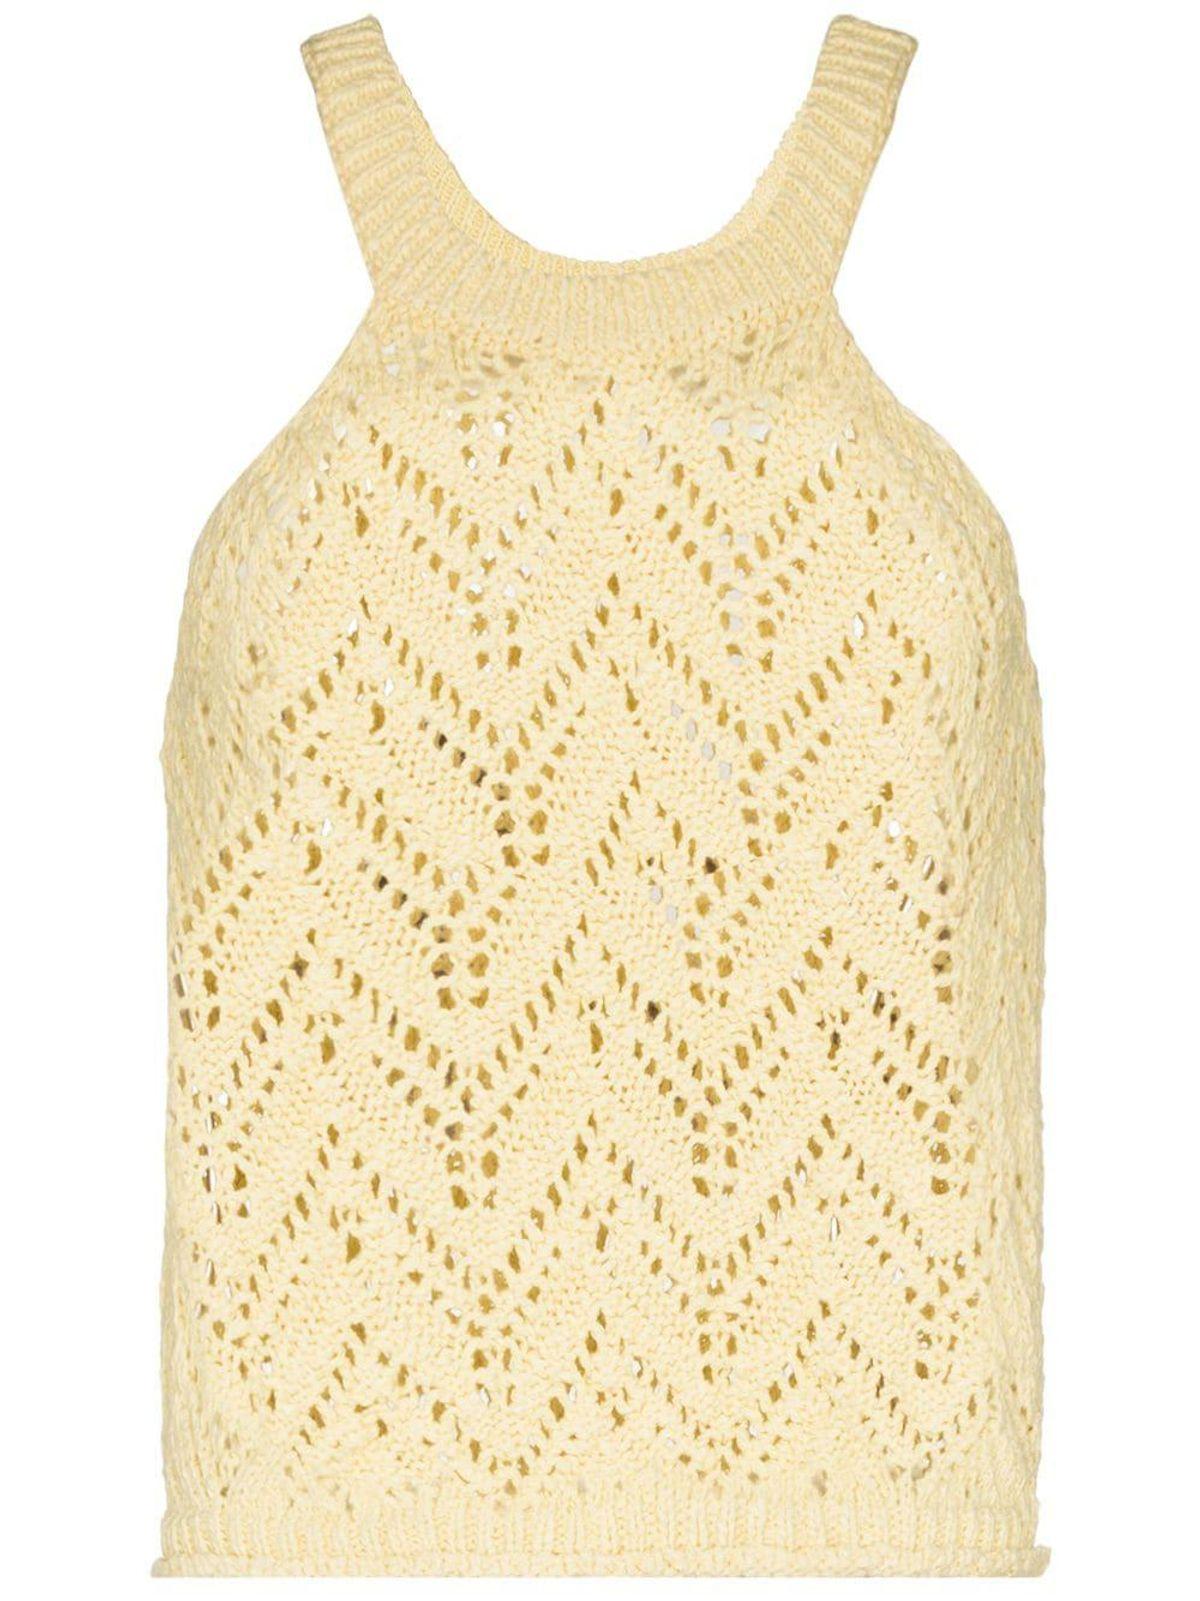 Crochet-Knit Semi Sheer Top